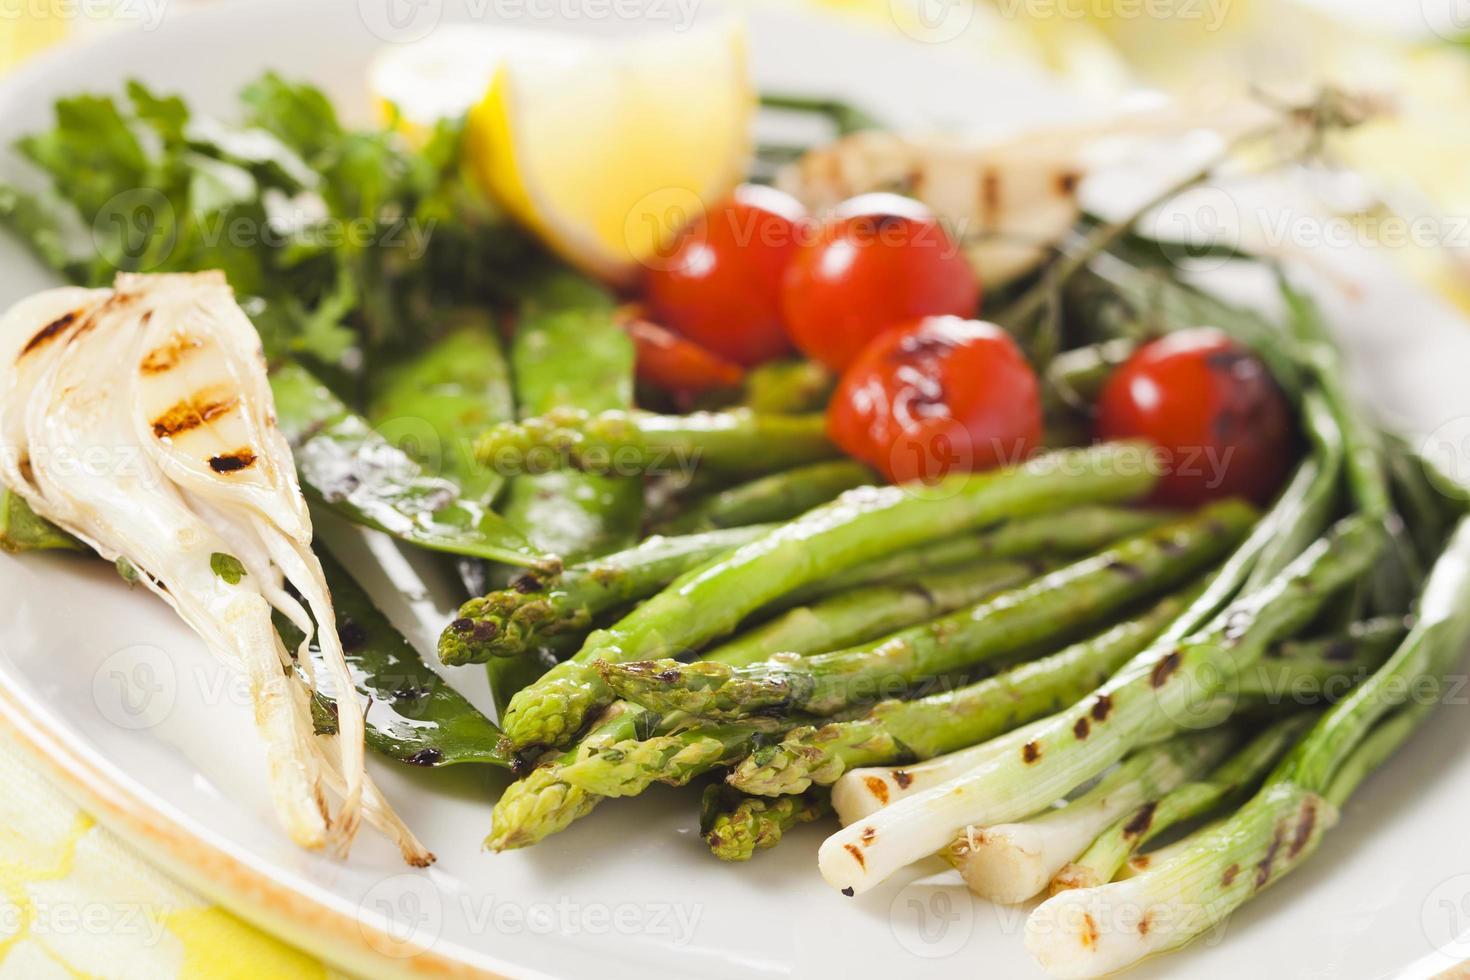 verdure grigliate marinate - asparagi, cipolle, piselli, pomodori foto